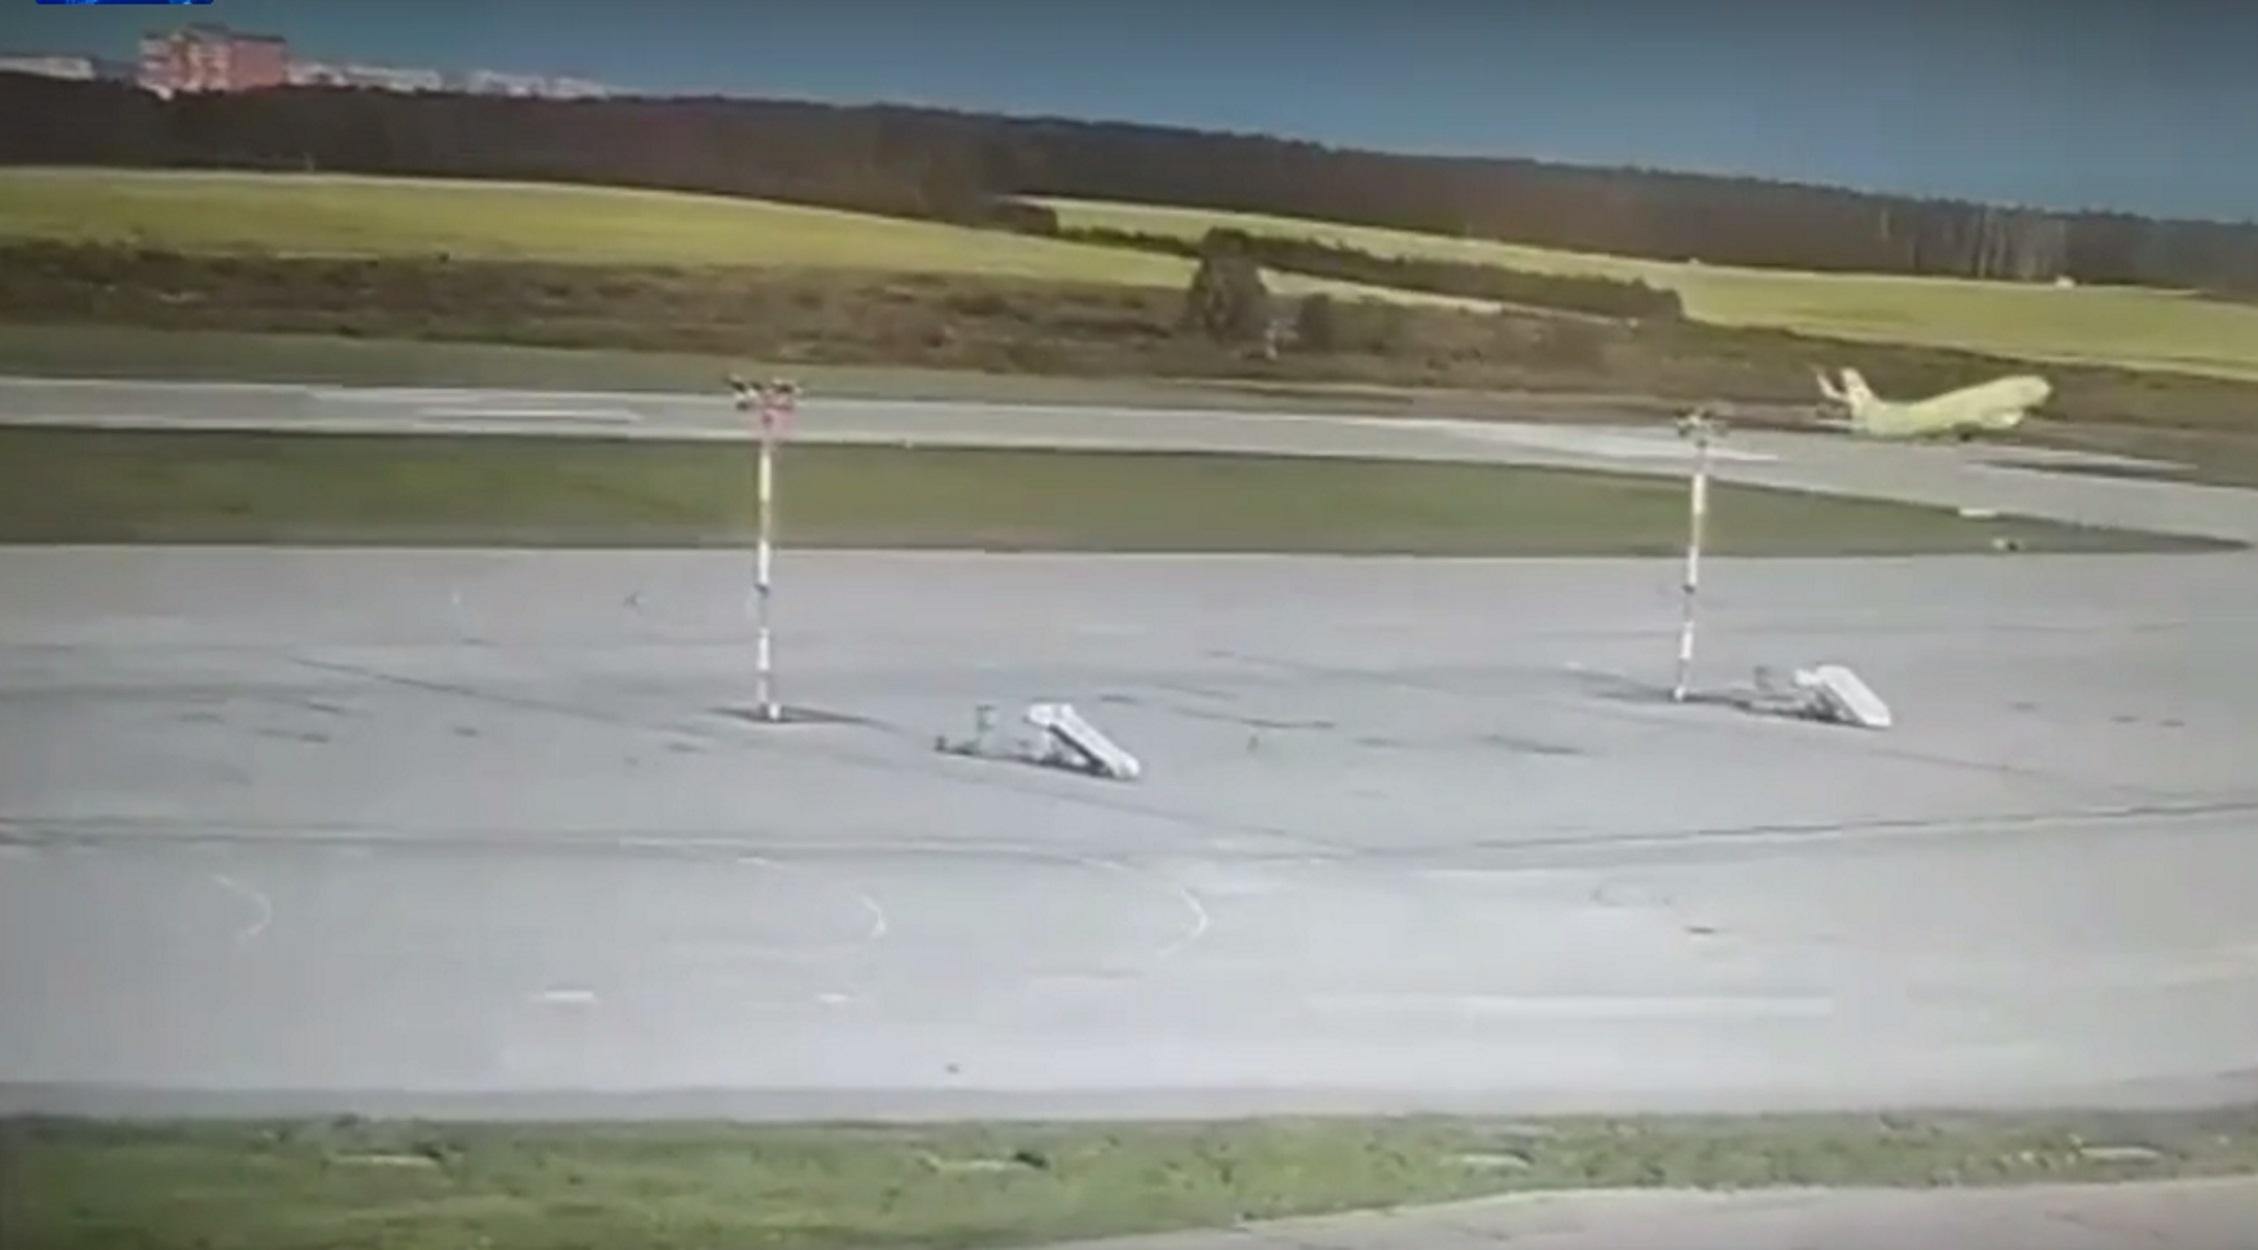 Ρωσία: Στο παρά 1' αποφεύχθηκε αεροπορική τραγωδία - Boeing έχασε τον έλεγχο στην απογείωση!